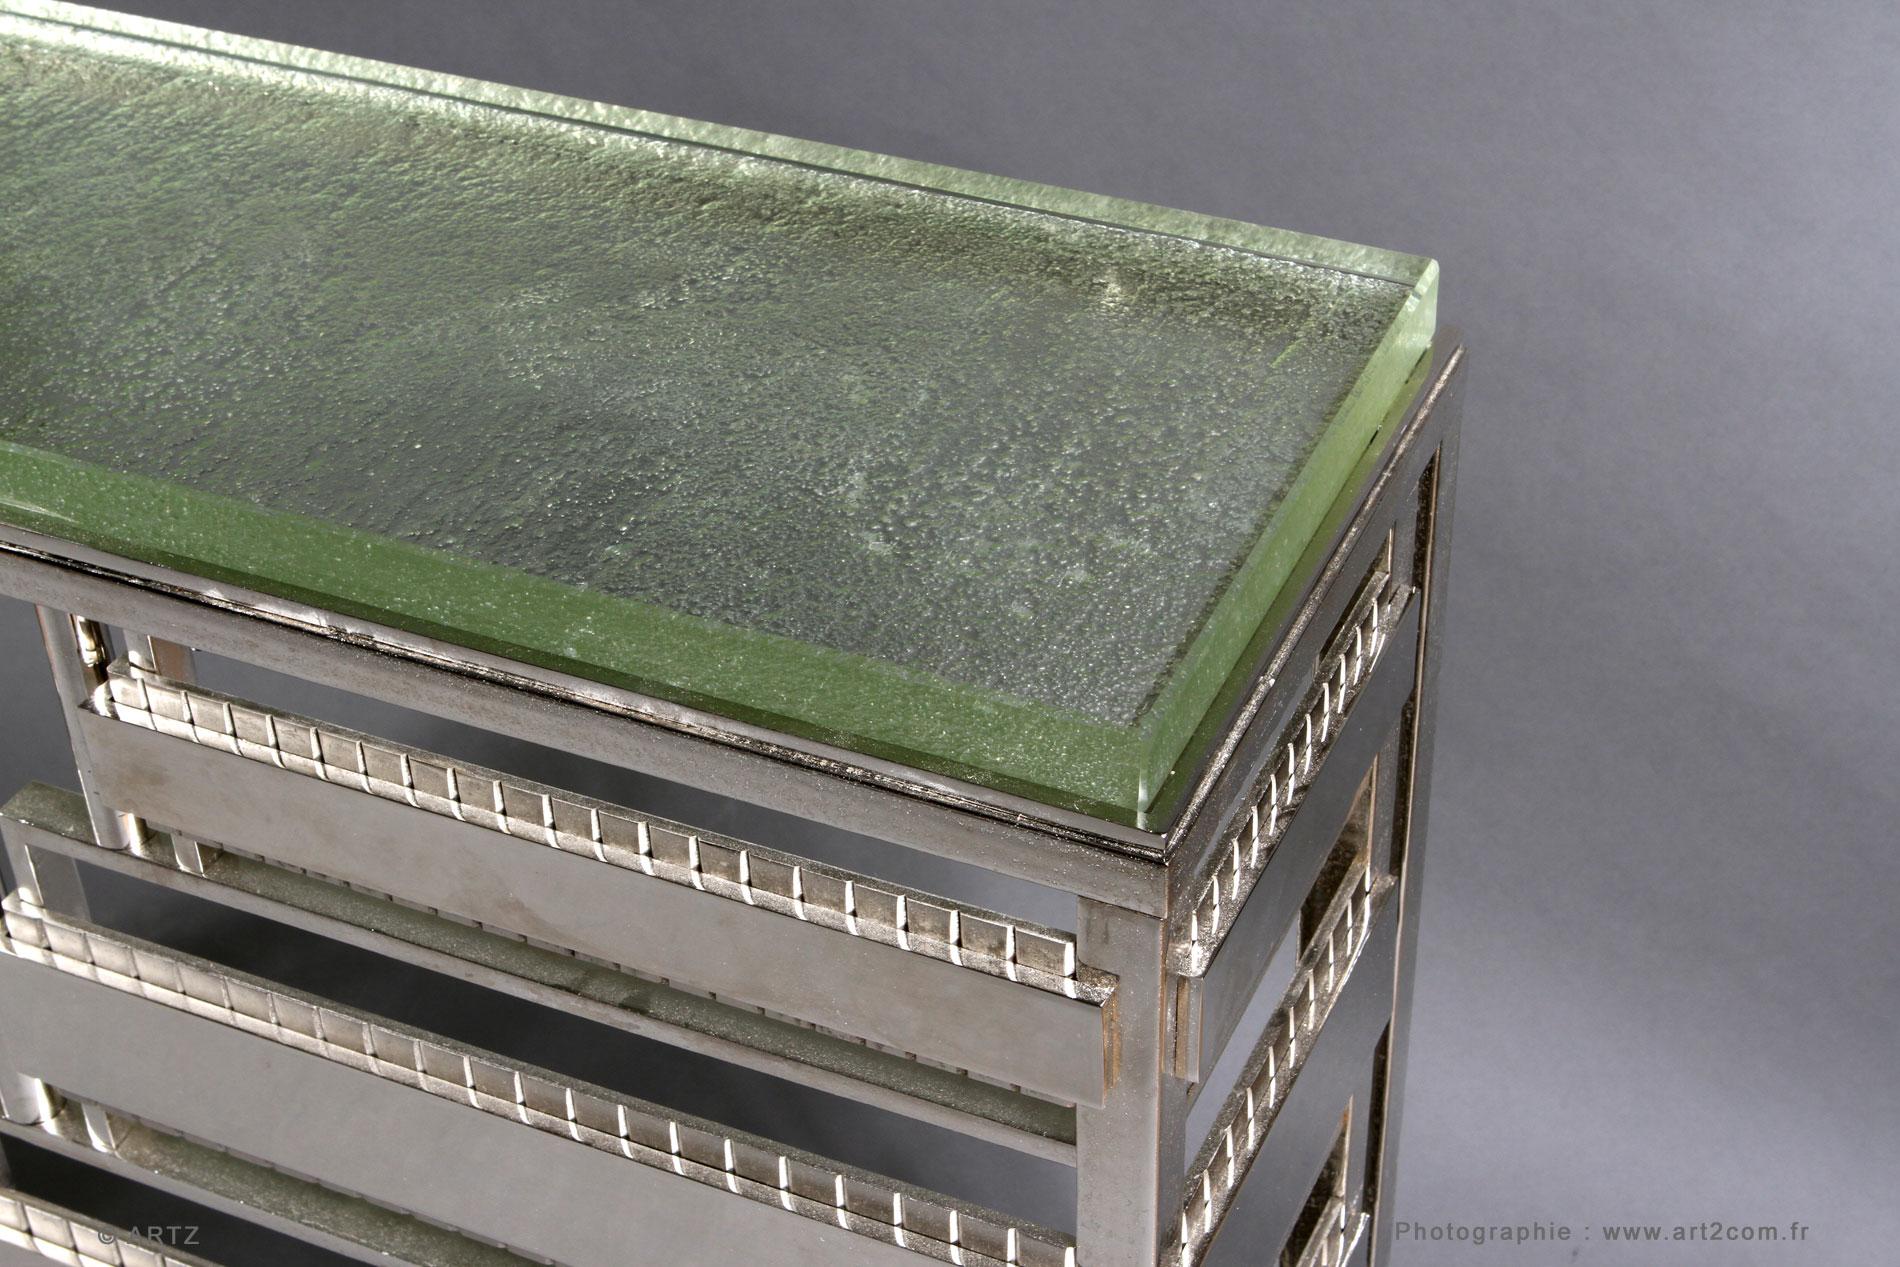 console cache radiateur elegant fabriquer un cache radiateur with console cache radiateur. Black Bedroom Furniture Sets. Home Design Ideas